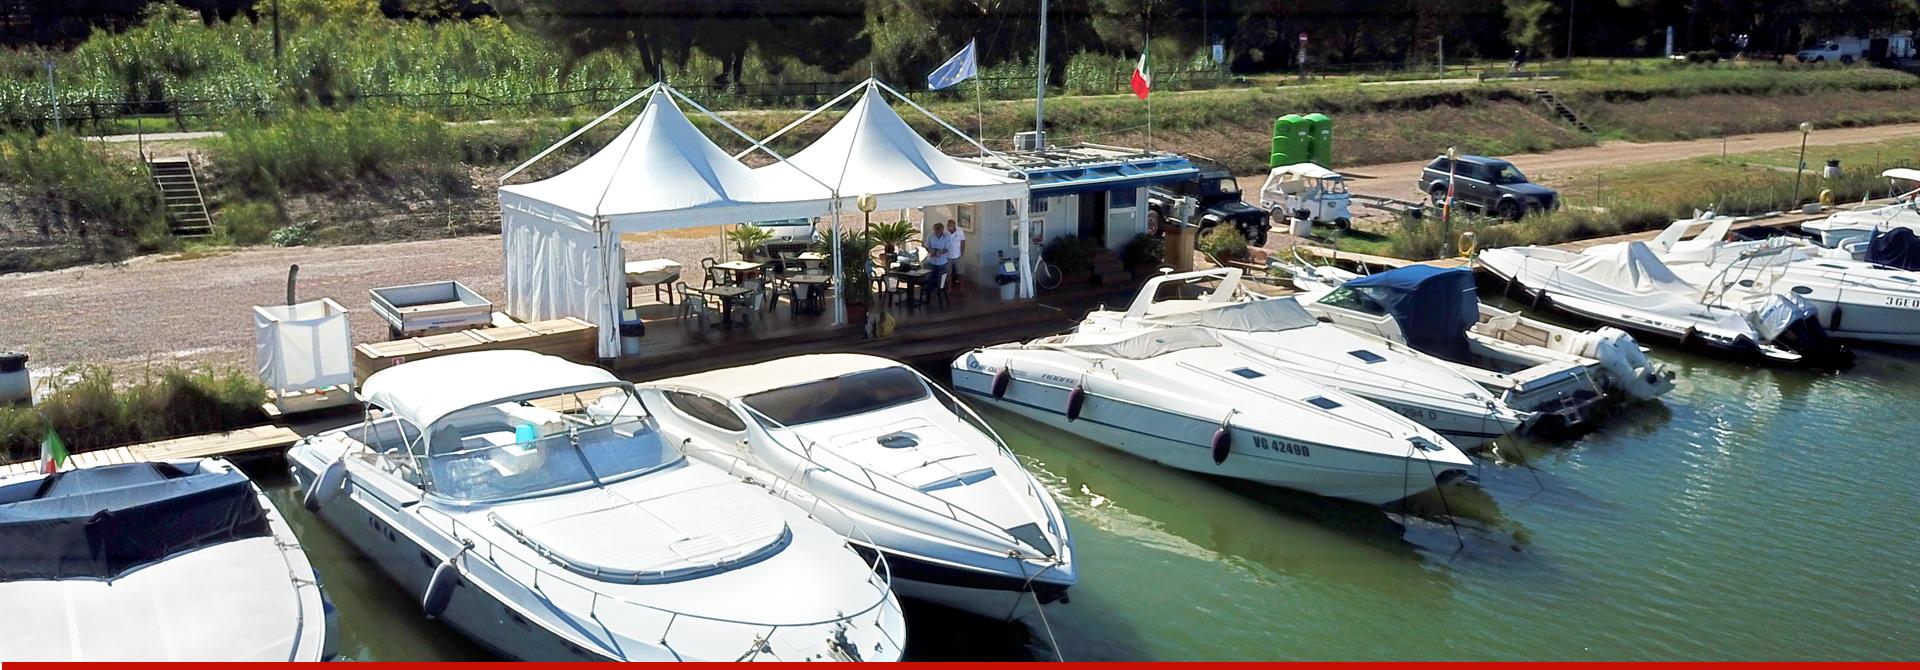 benelli-nautica-castiglione-della-pescaia-slide9